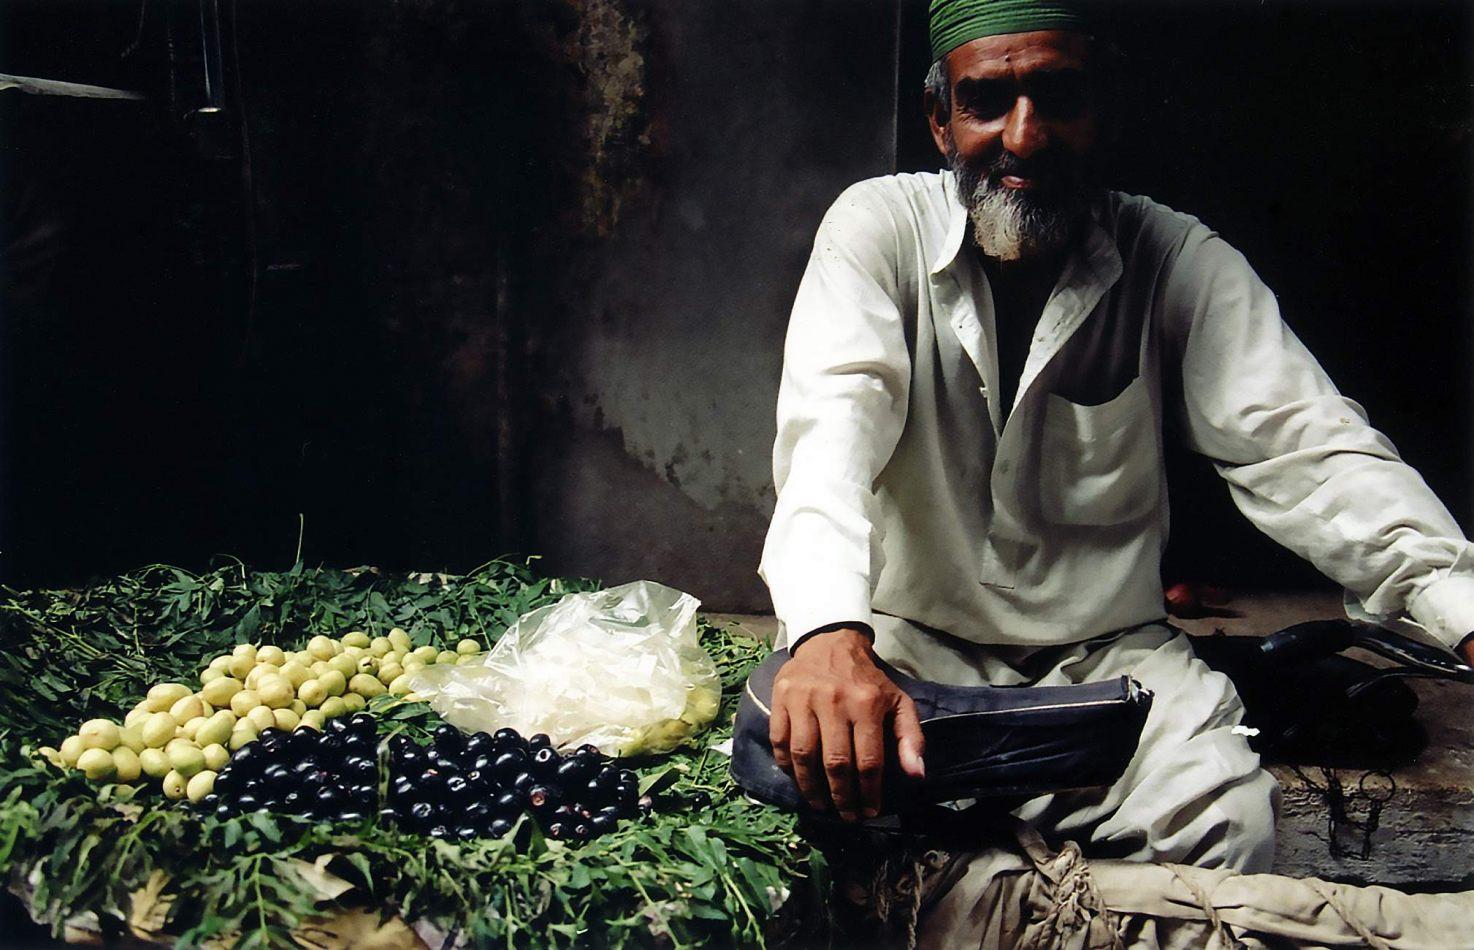 Anthony Ellis Photography: Zindabad - The Olive Seller